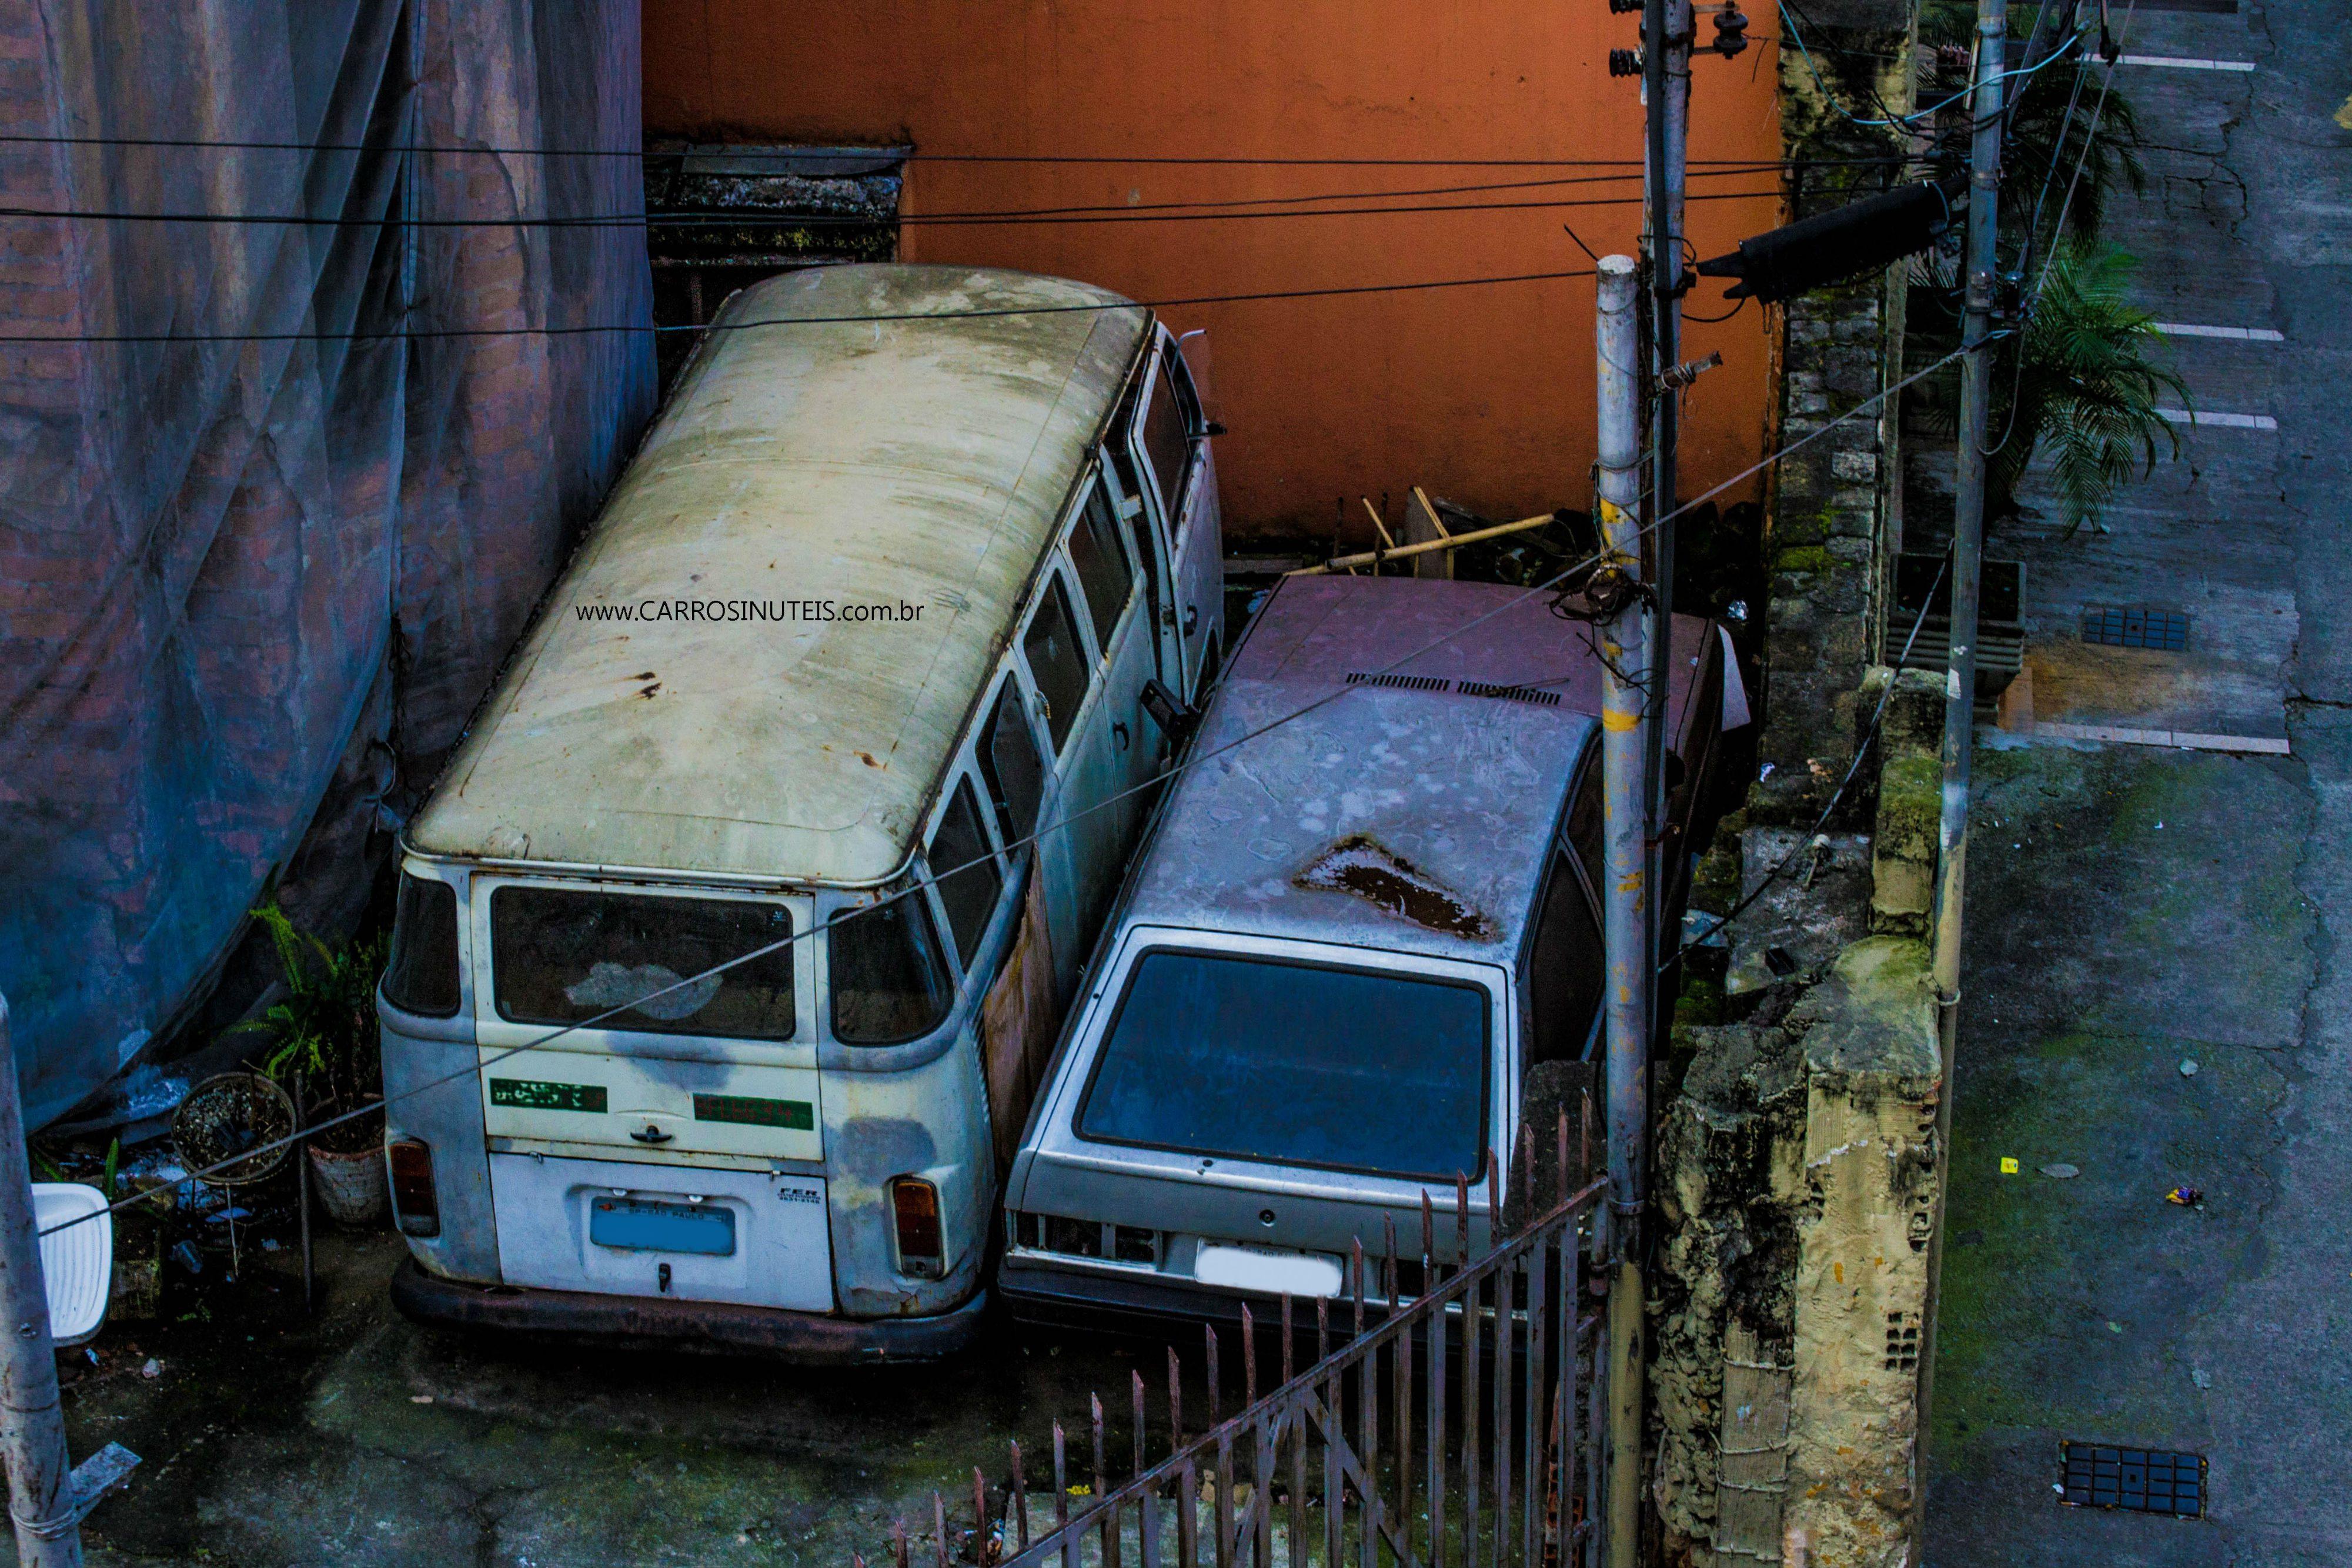 Kioma-VWKombi VW Kombi e VW Gol, São Paulo, SP. Flagra do Kioma.